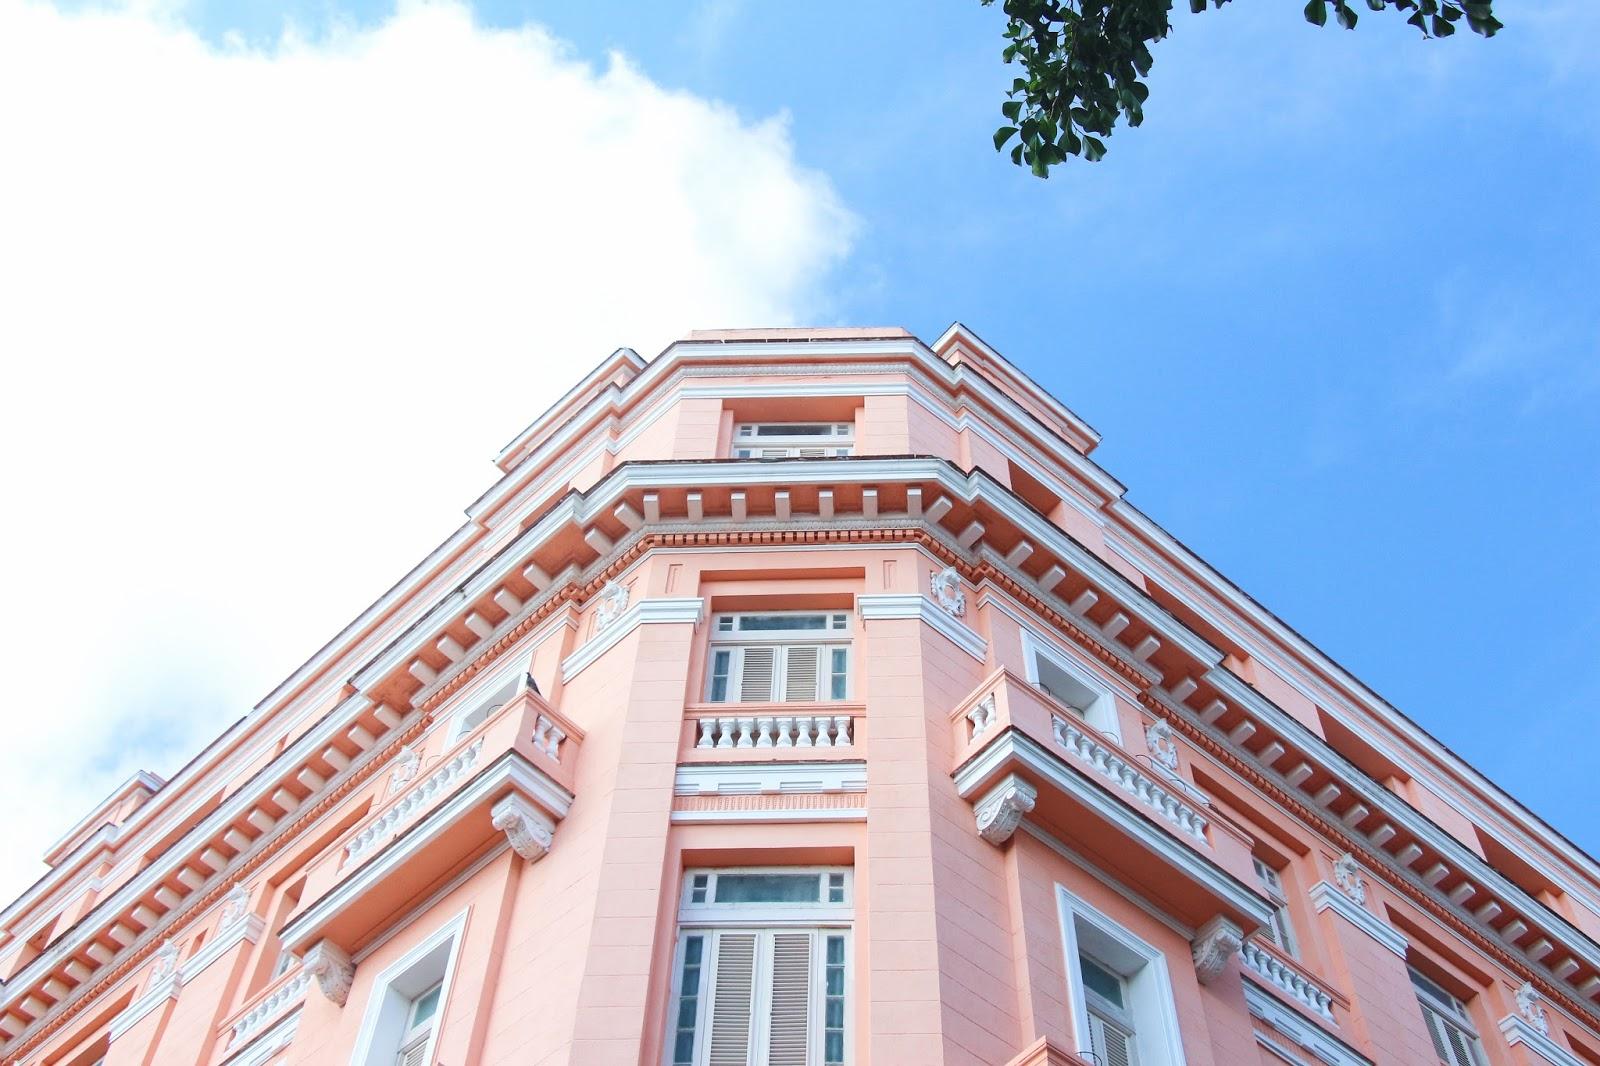 Façade rose de l'hôtel Ambos Mundos à La Havane - Cuba